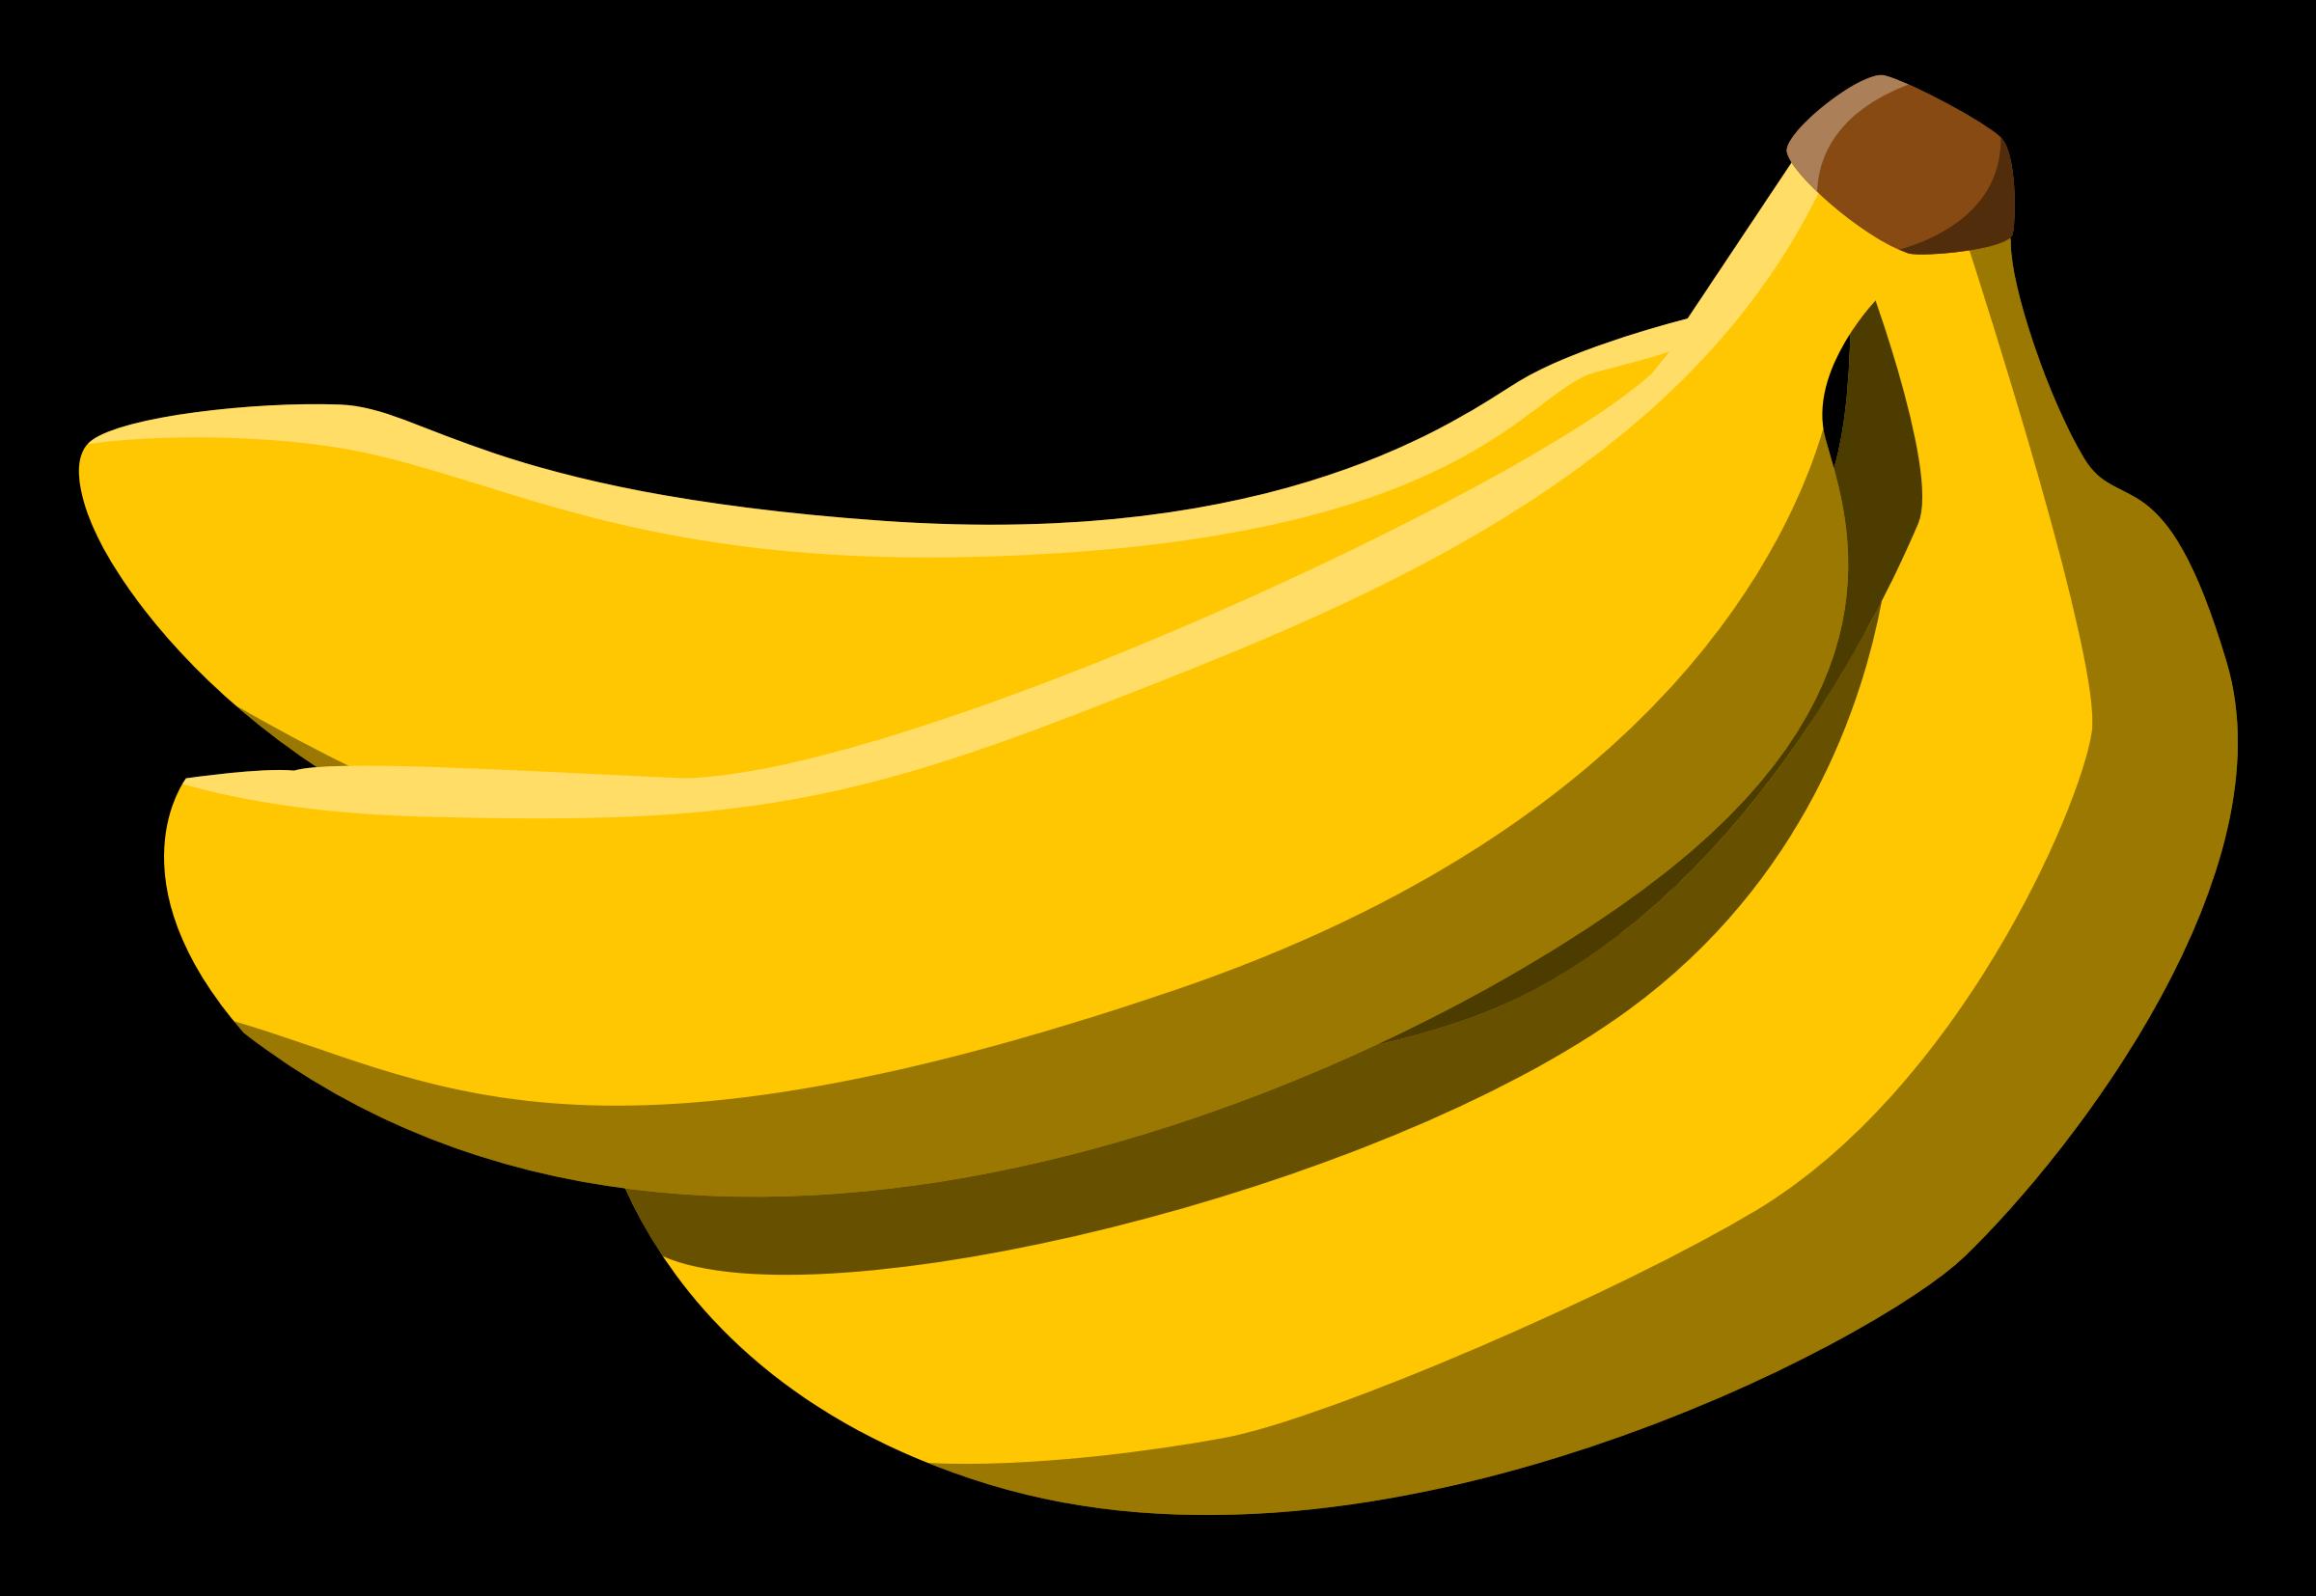 image royalty free Clipart Of Banana